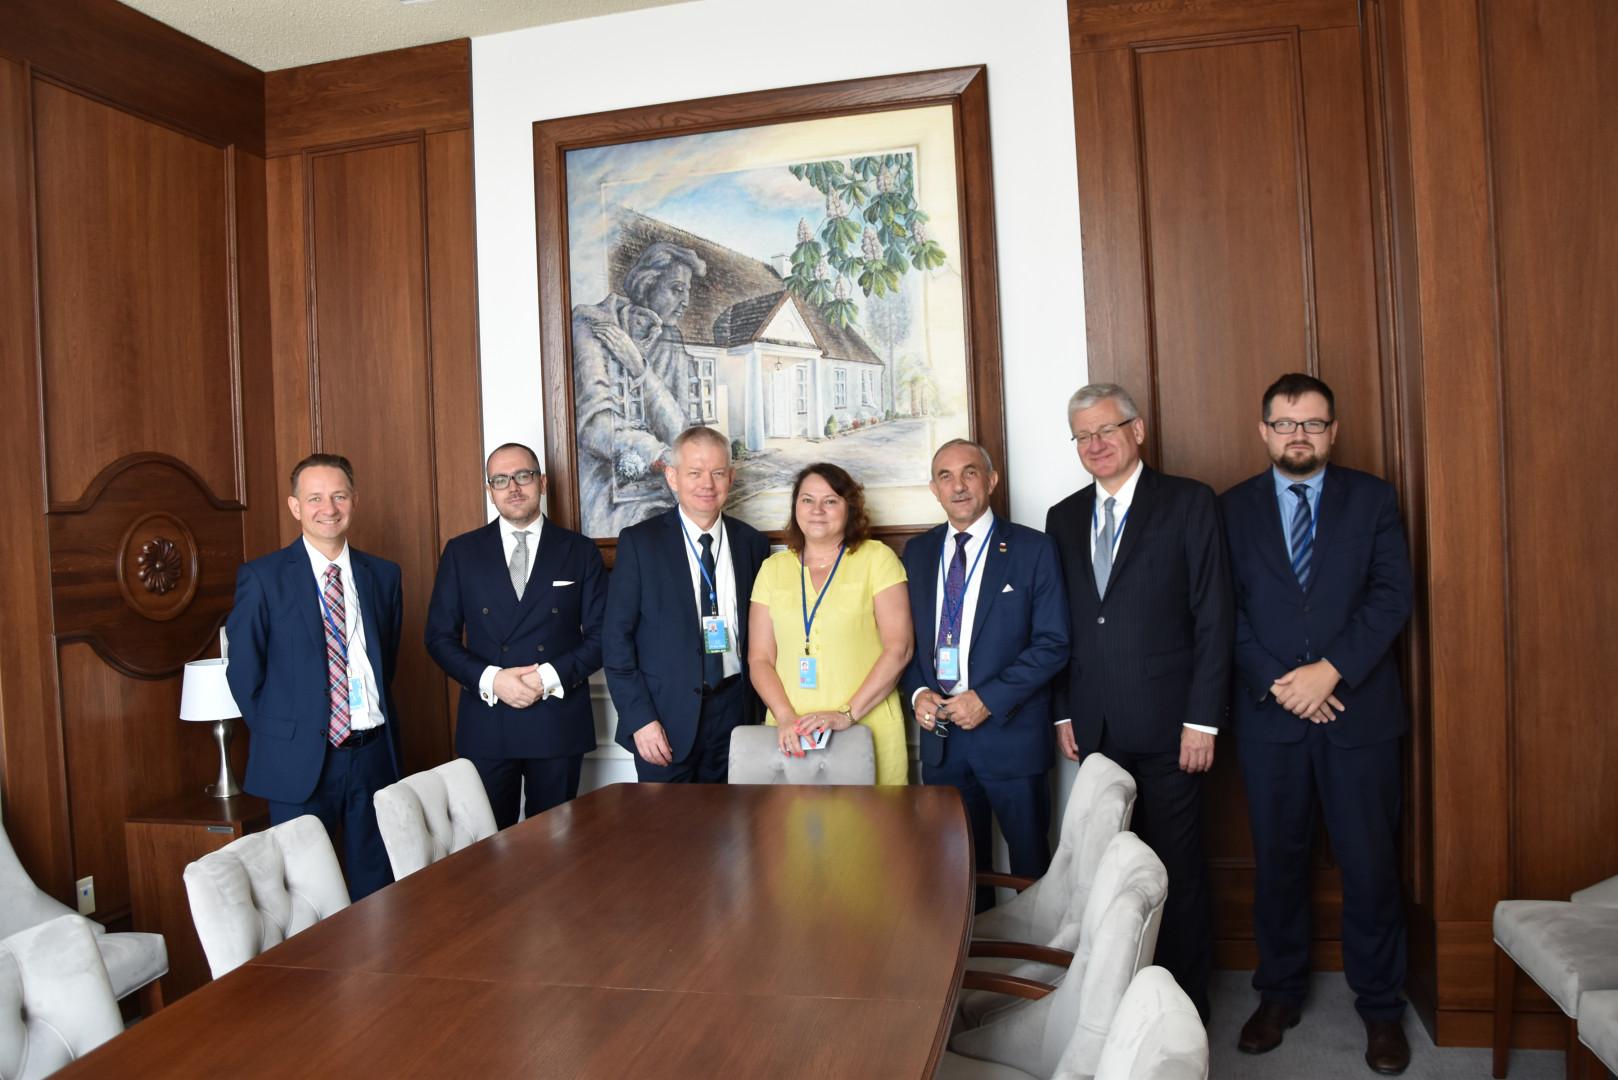 Delegacja rządowa i Prezesi Alina i Jan Szynaka w Sali Posiedzeń ONZ w Nowym Jorku. Fot. materialy prasowe